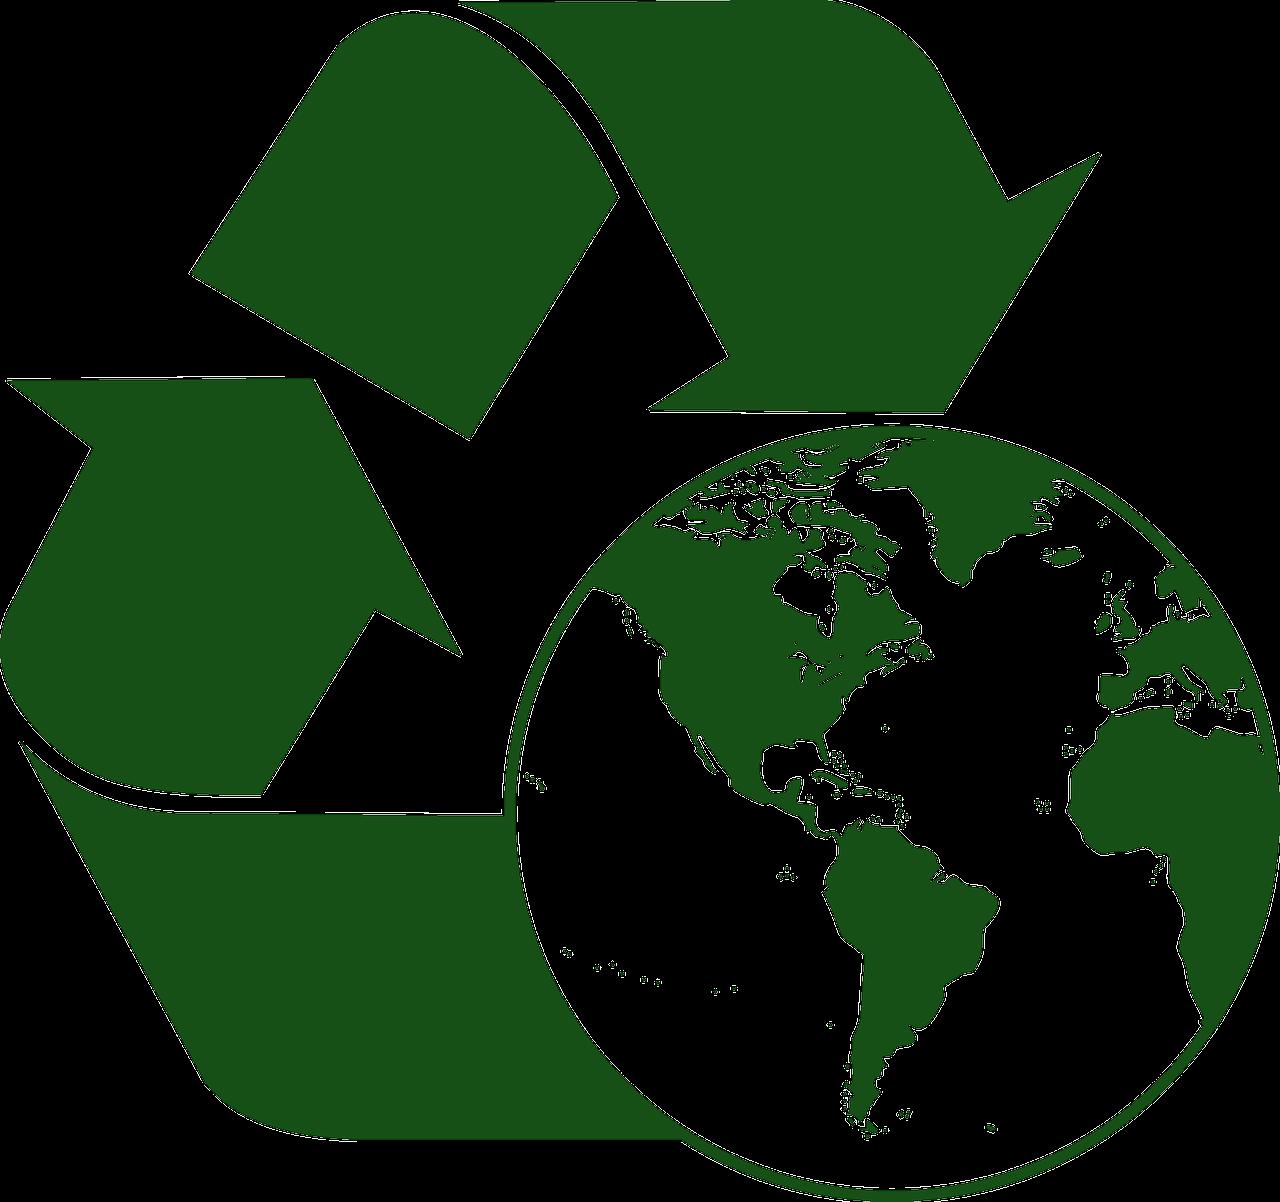 Emballages industriels : la nécessité d'une politique de développement durable